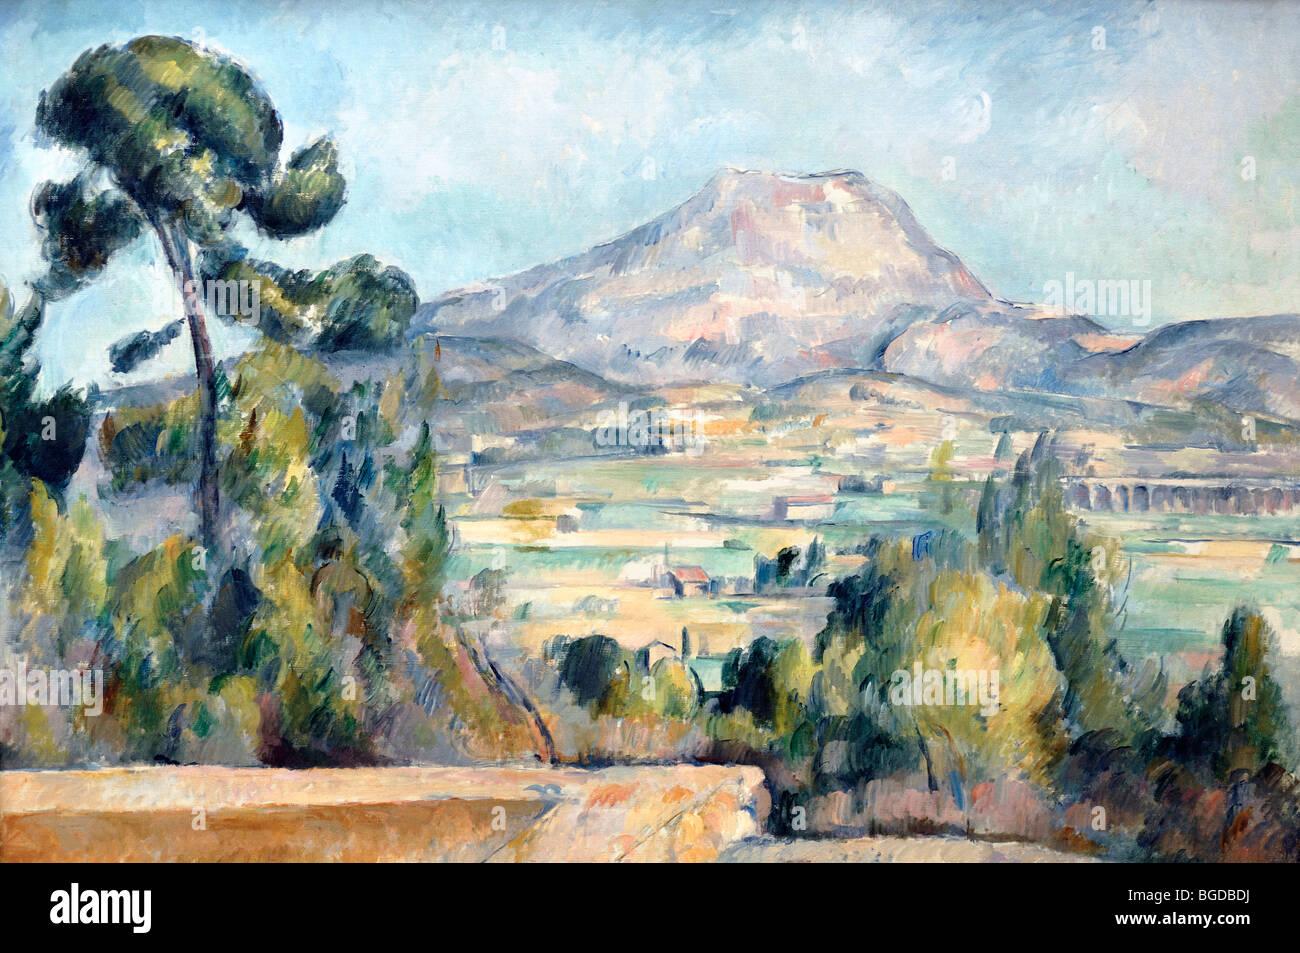 Montagne Sainte Victoire (c1890), o monte Sainte Victoire montagna vicino a Aix-en-Provence, pittura ad olio di Immagini Stock